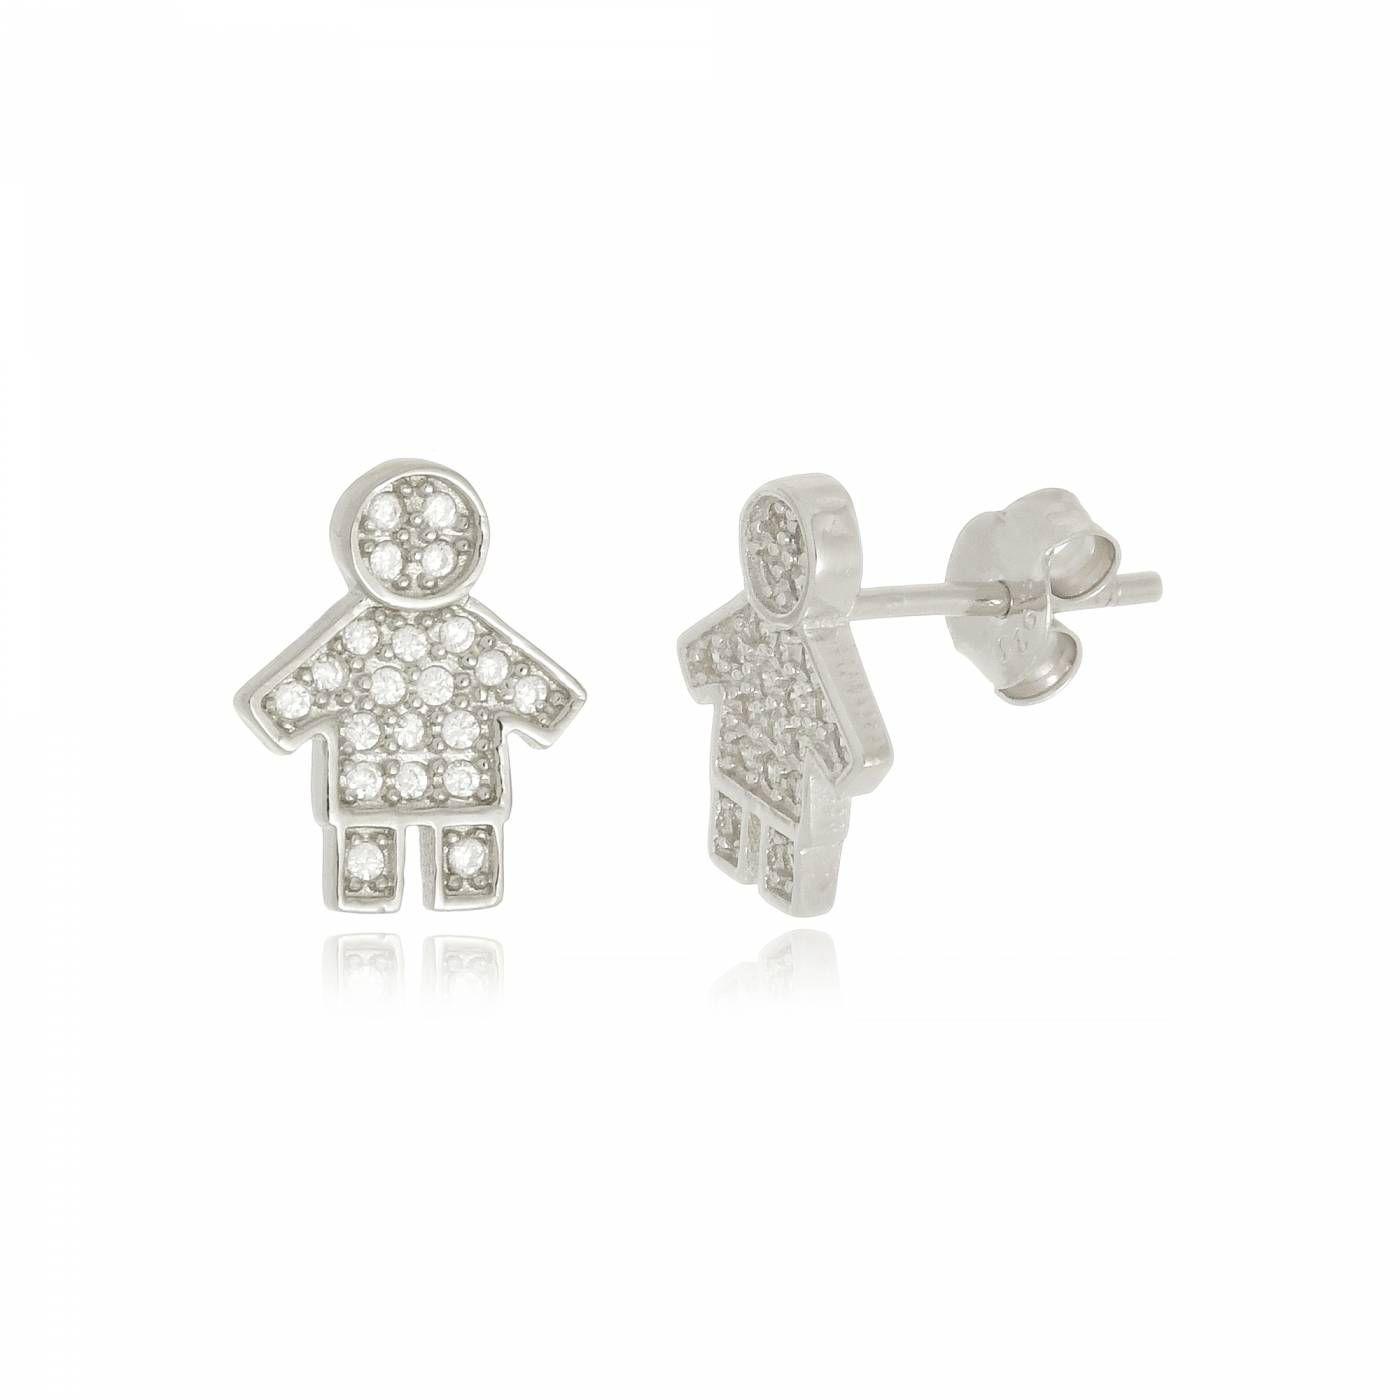 Brinco Menino Cravejado de Mini Zircônias em Prata 925